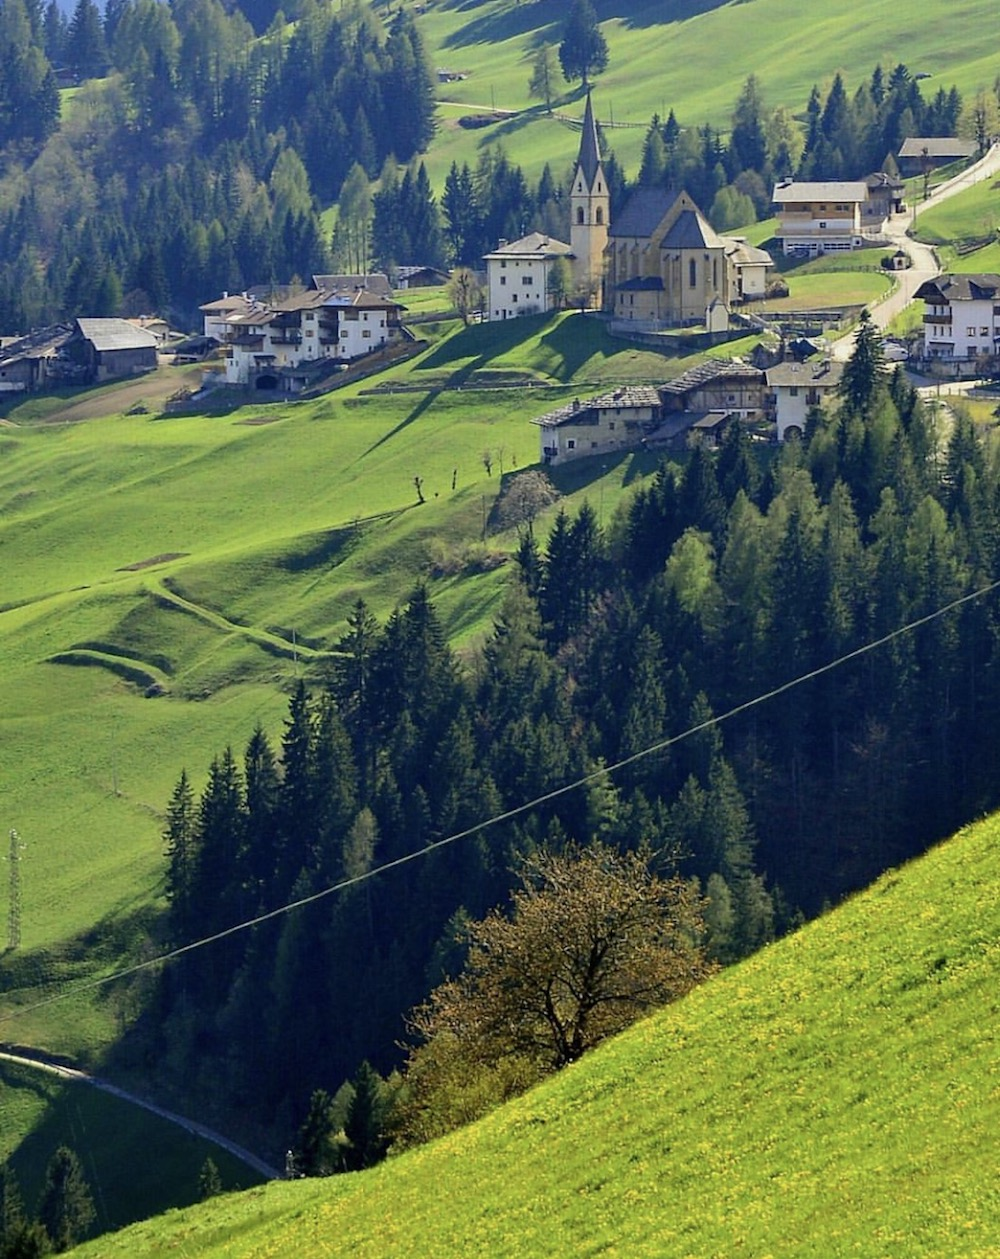 posti in Val di Non-proves-luigi cristoforetti-i love val di non